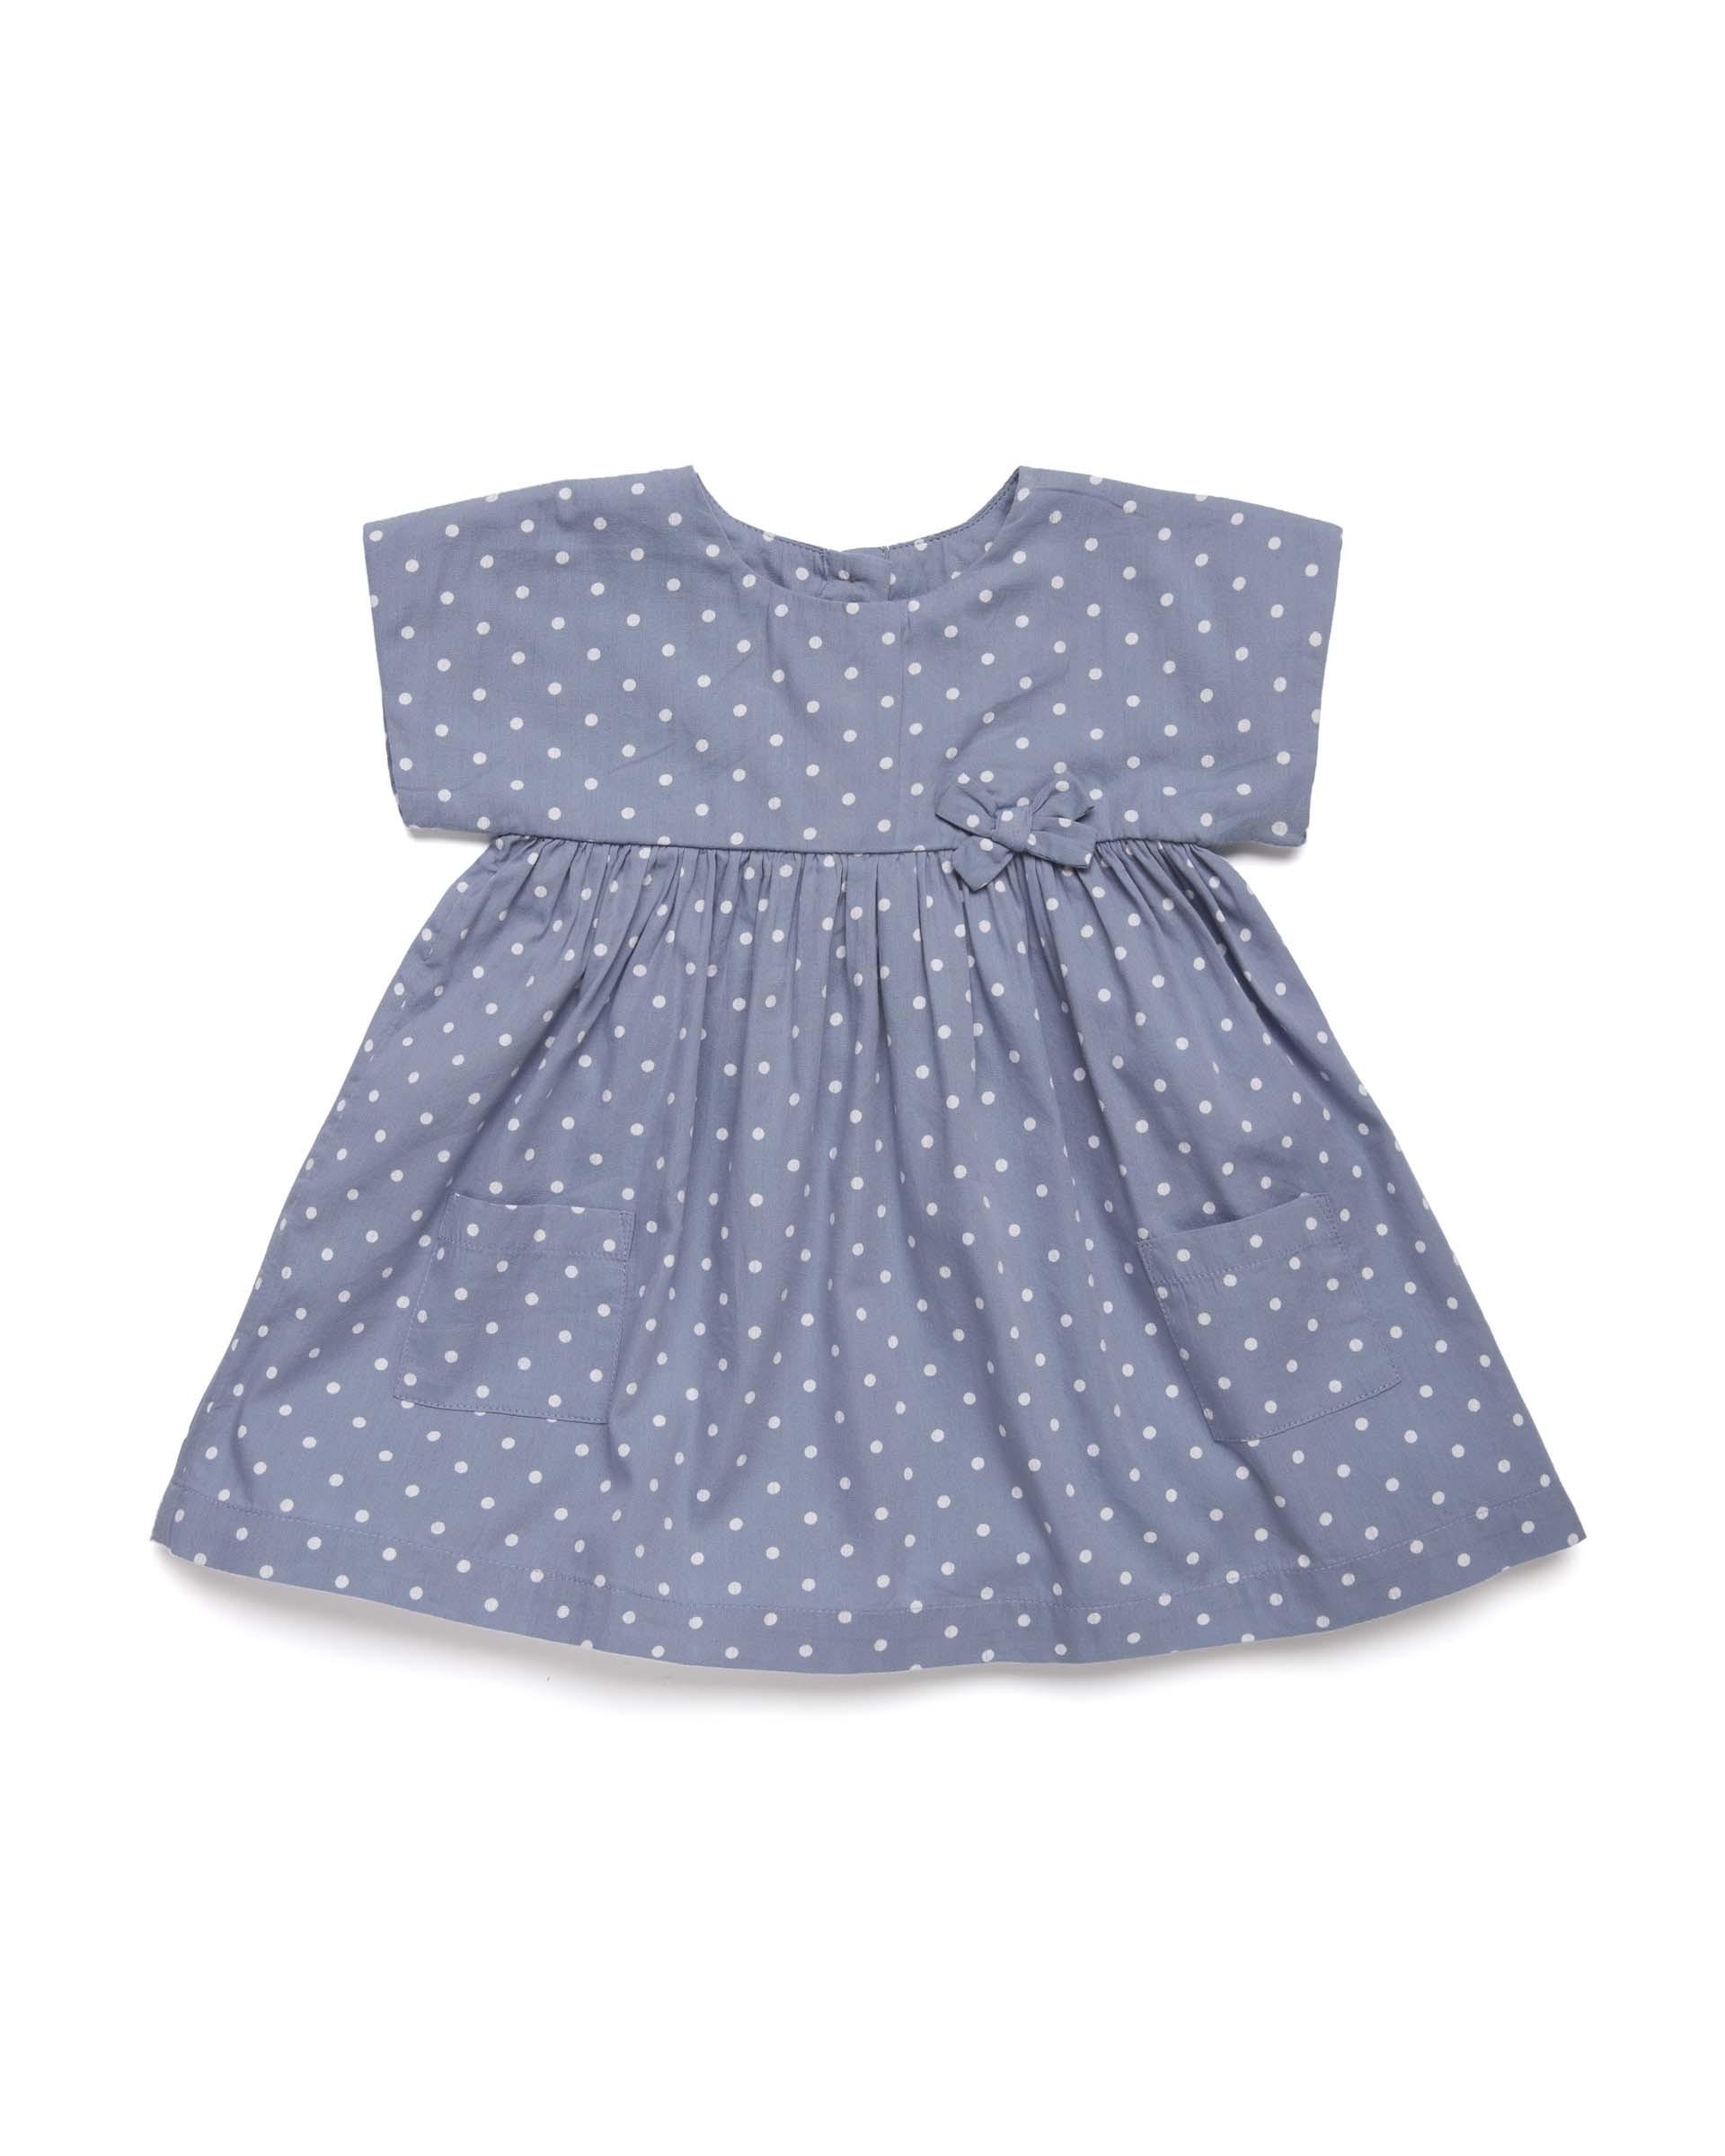 Купить 20P_4OO45V7JE_61R, Платье для девочек Benetton 4OO45V7JE_61R р-р 74, United Colors of Benetton, Платья для новорожденных